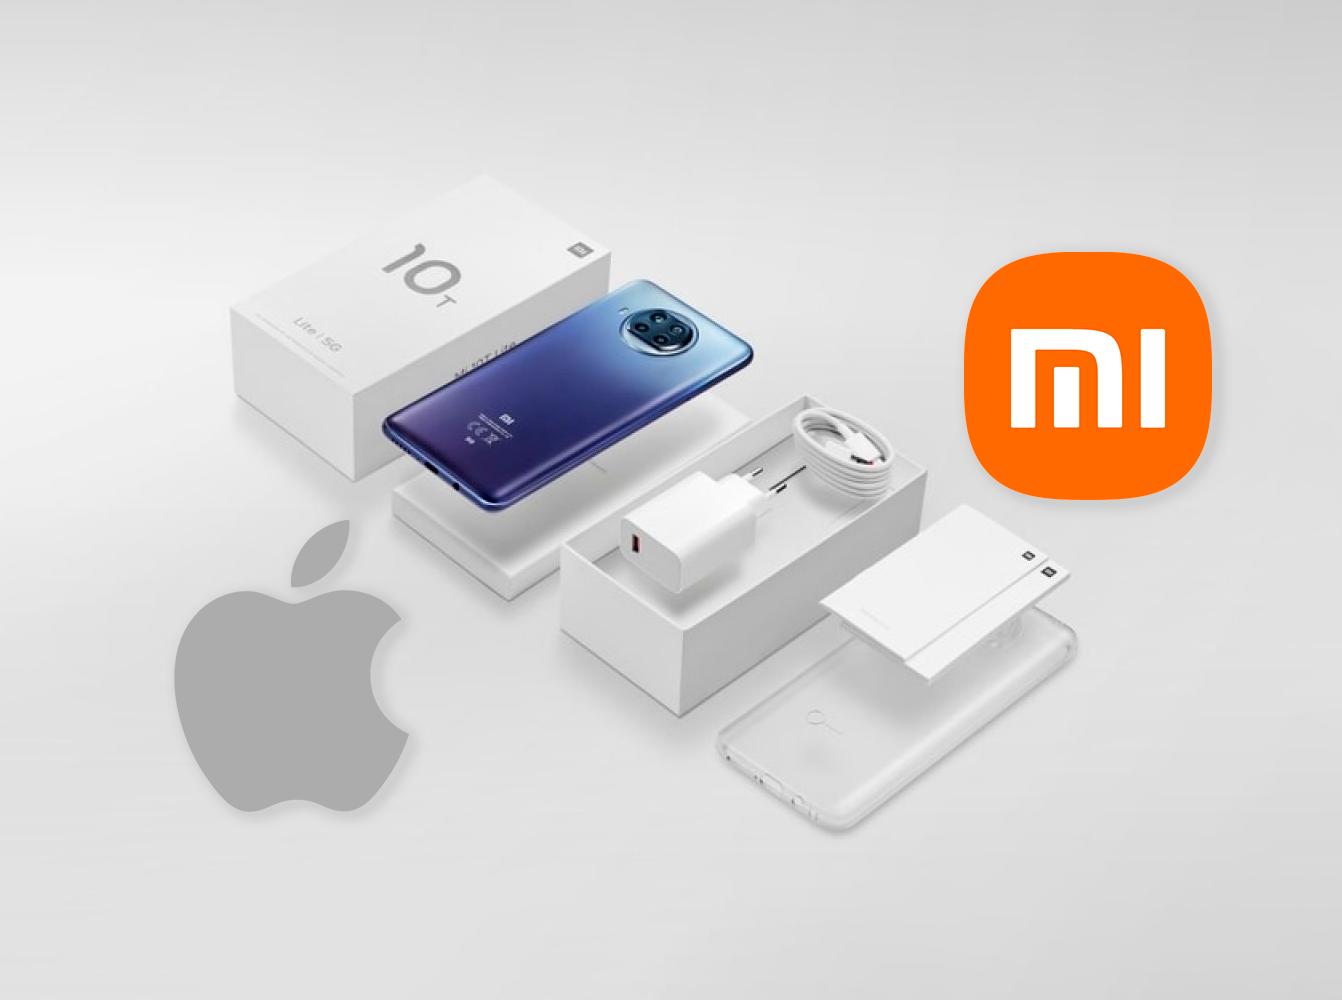 Xiaomi destroza a Apple: los móviles Xiaomi superan a los iPhone en todo el mundo